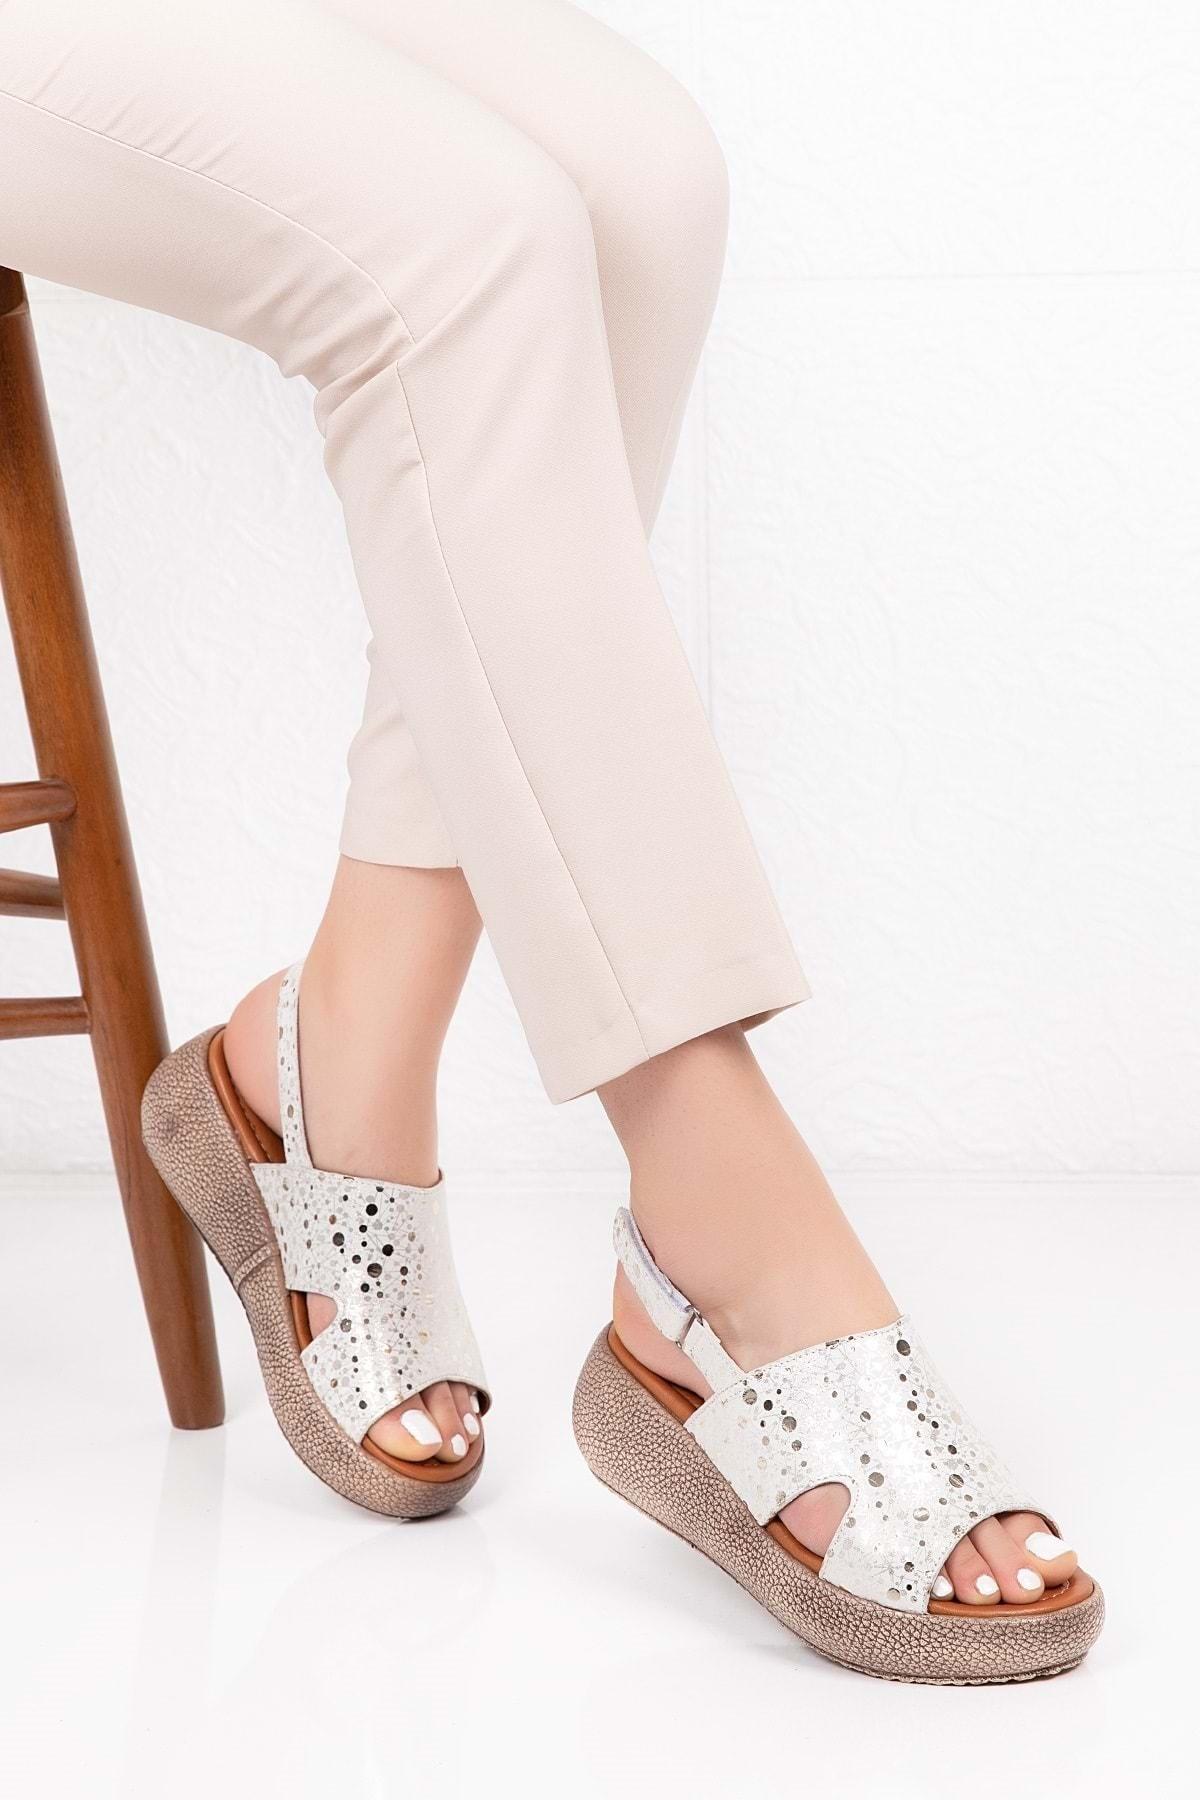 Gondol Hakiki Deri Anatomik Taban Sandalet Beyaz Dalmaçyalı 38 Iz.0809 1